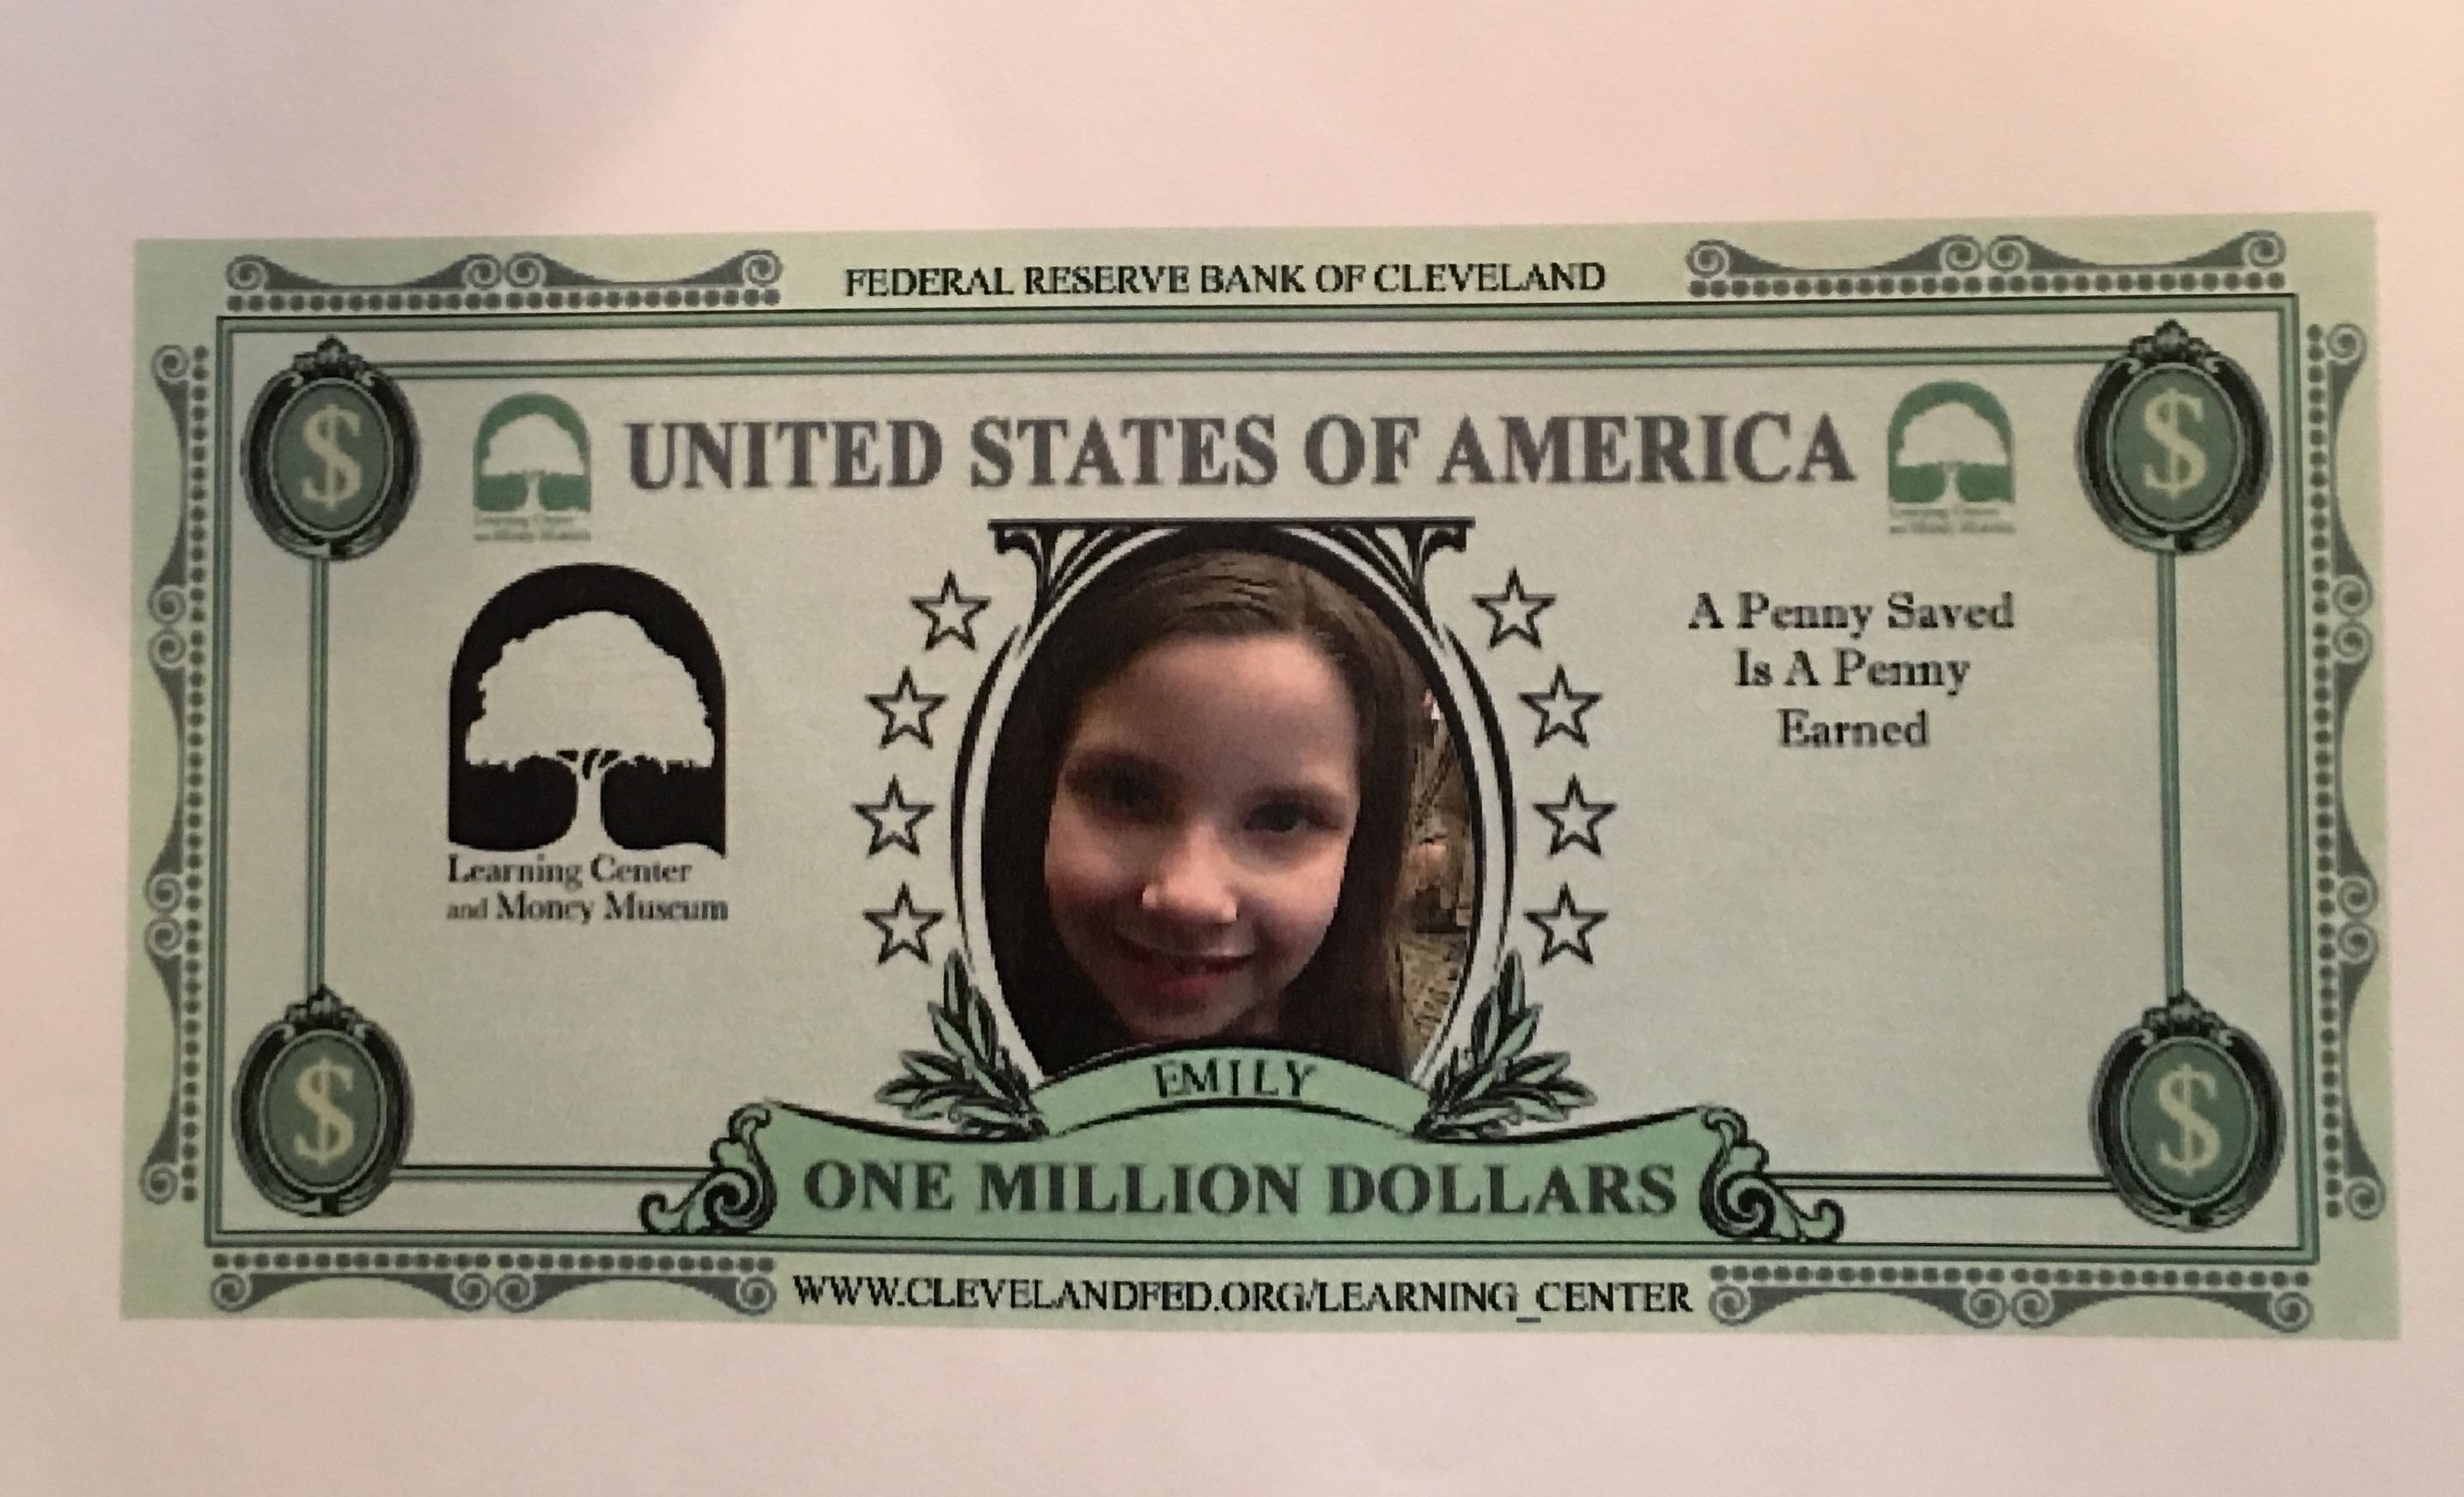 Emily's money